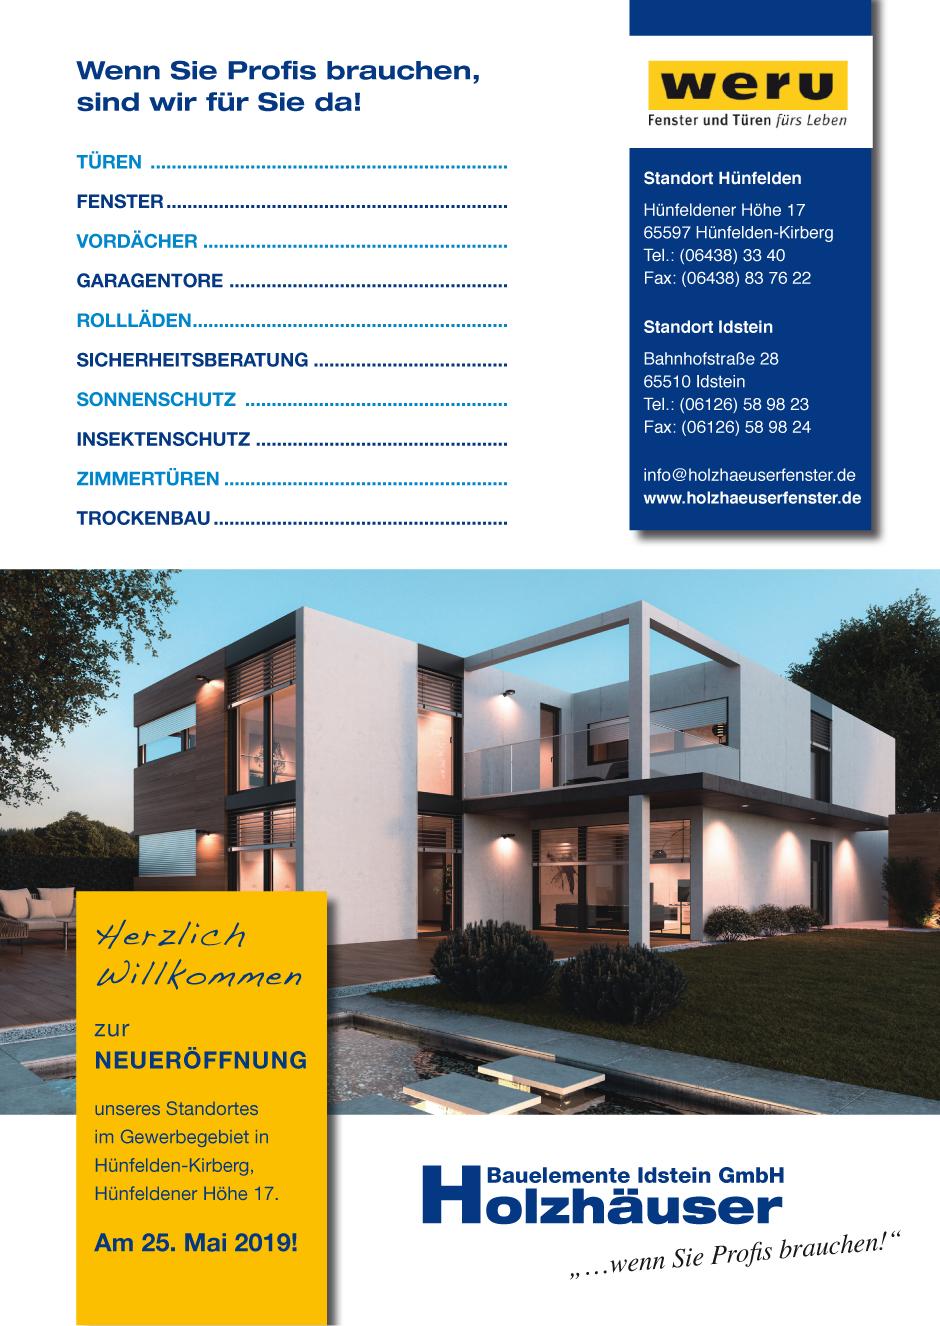 Bauelemente Holzhäuser GmbH